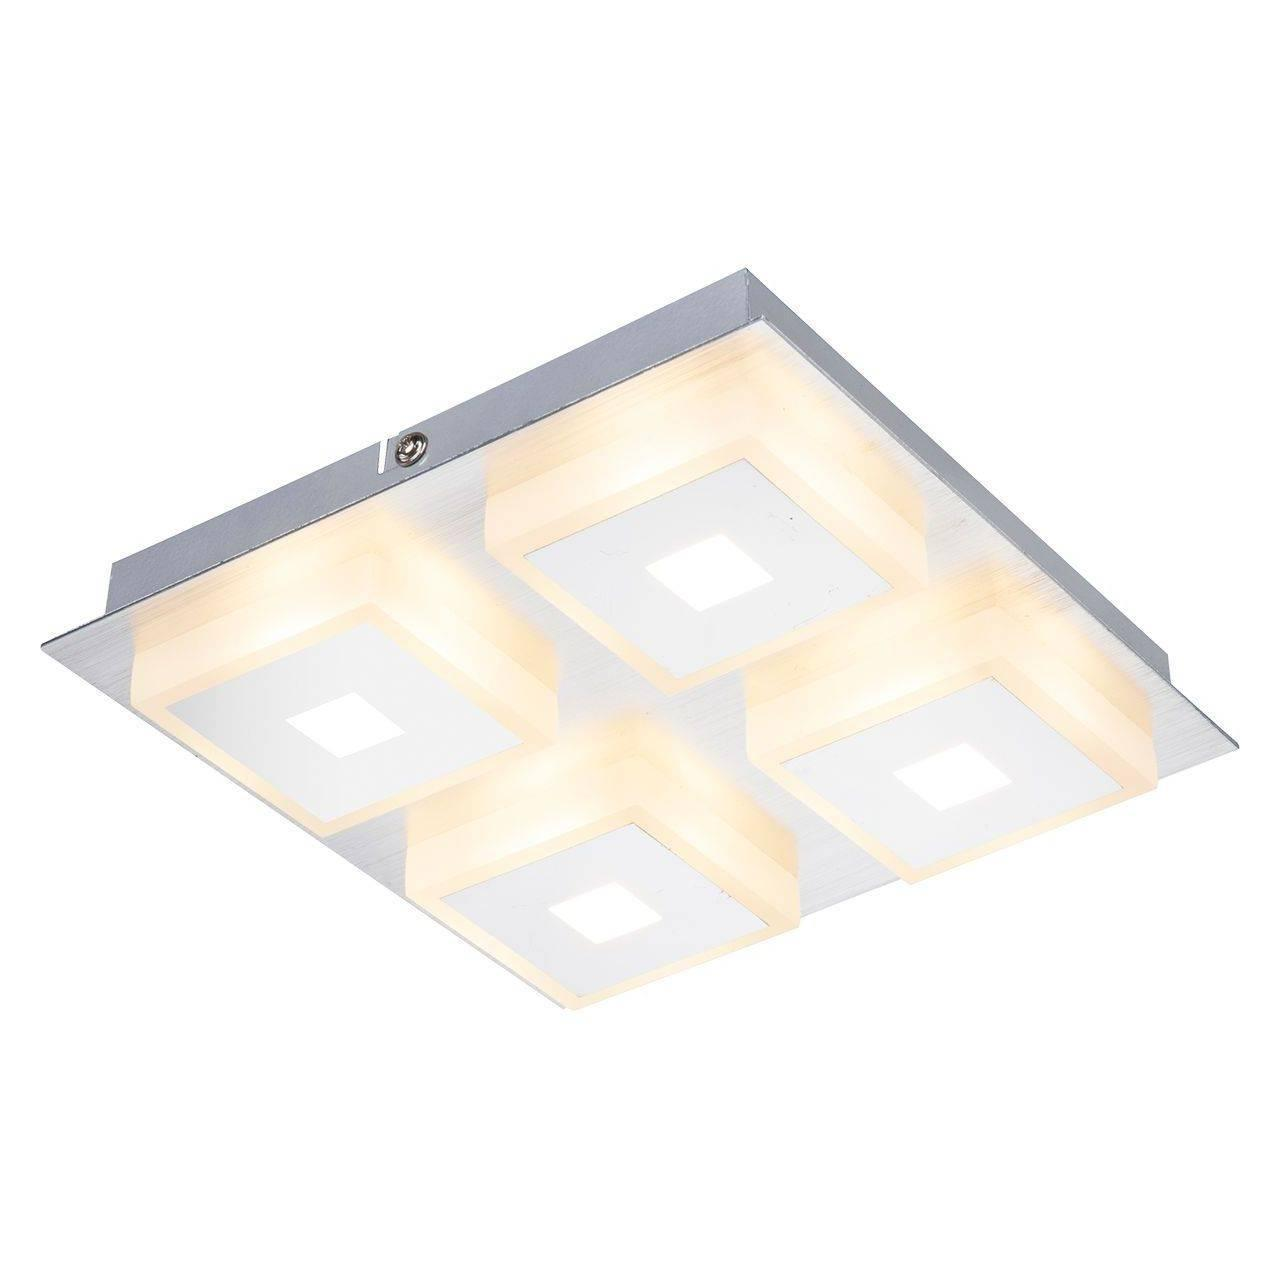 Потолочный светодиодный светильник Globo Quadralla 41111-4 потолочный светодиодный светильник globo mathilda 68397 12